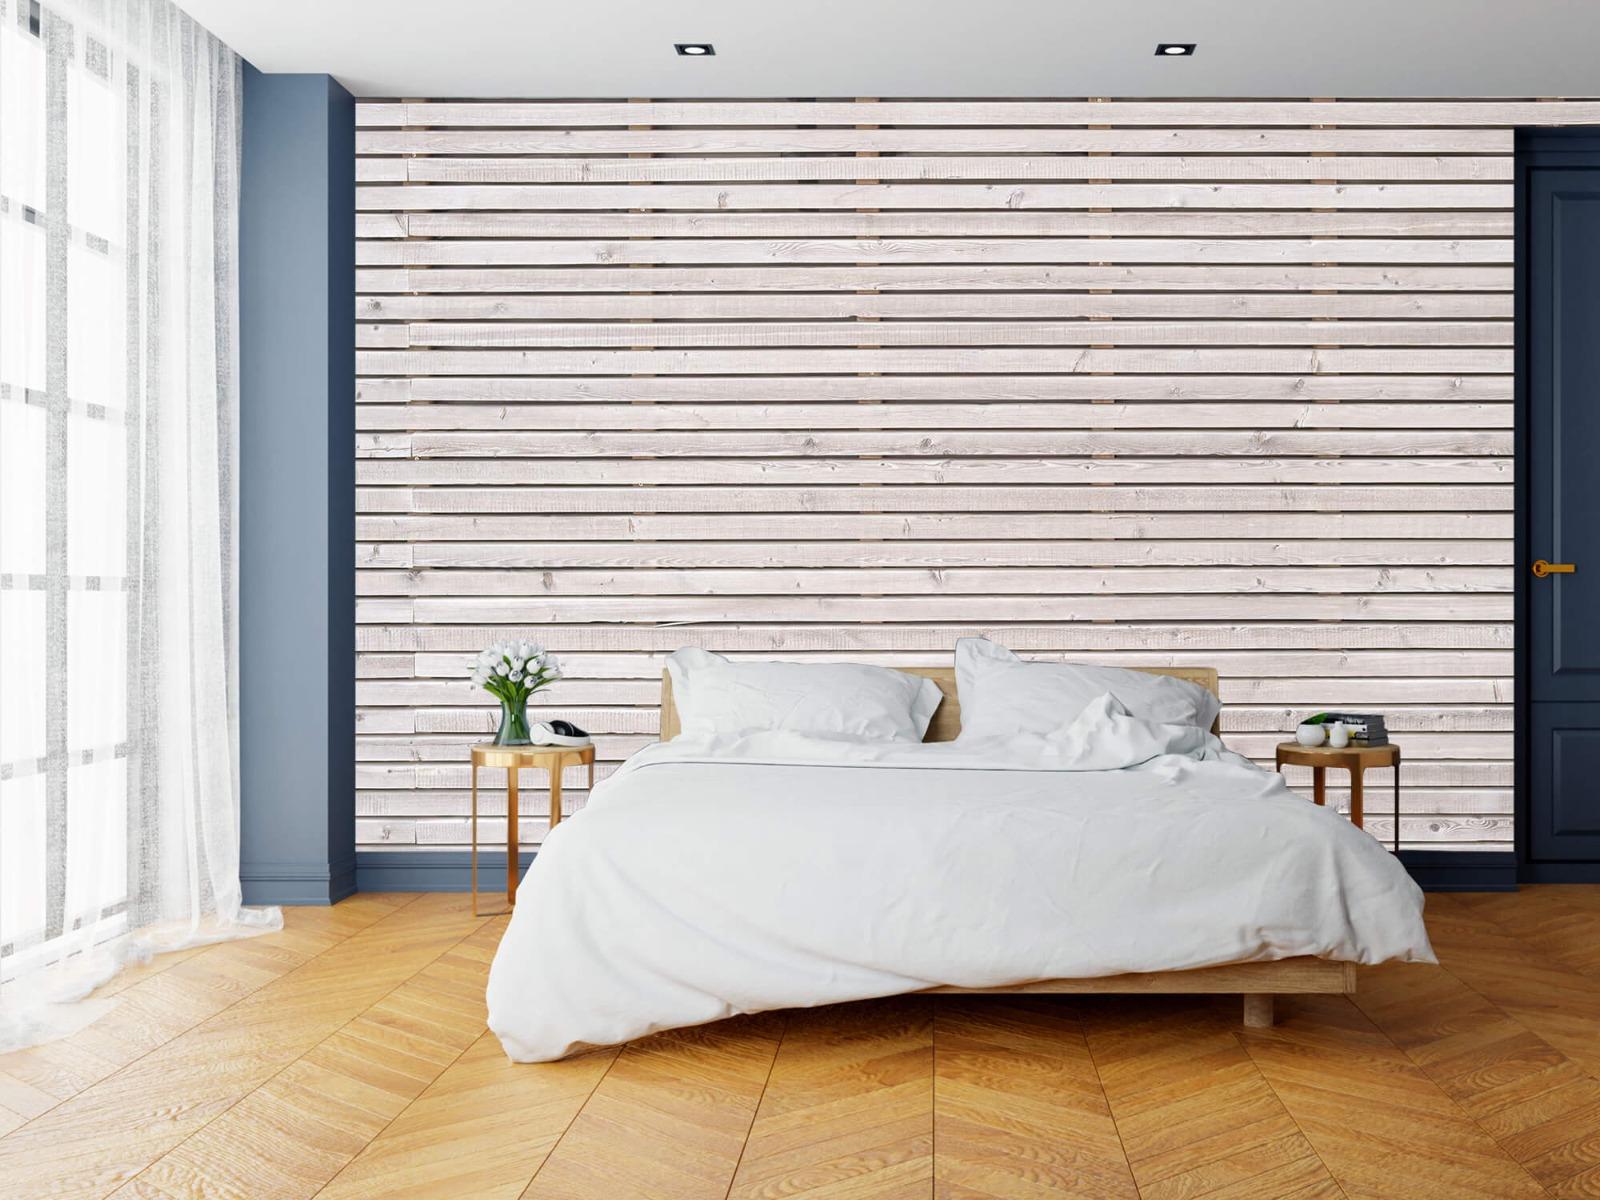 Hout behang - Horizontale planken - Wallexclusive - Woonkamer 16